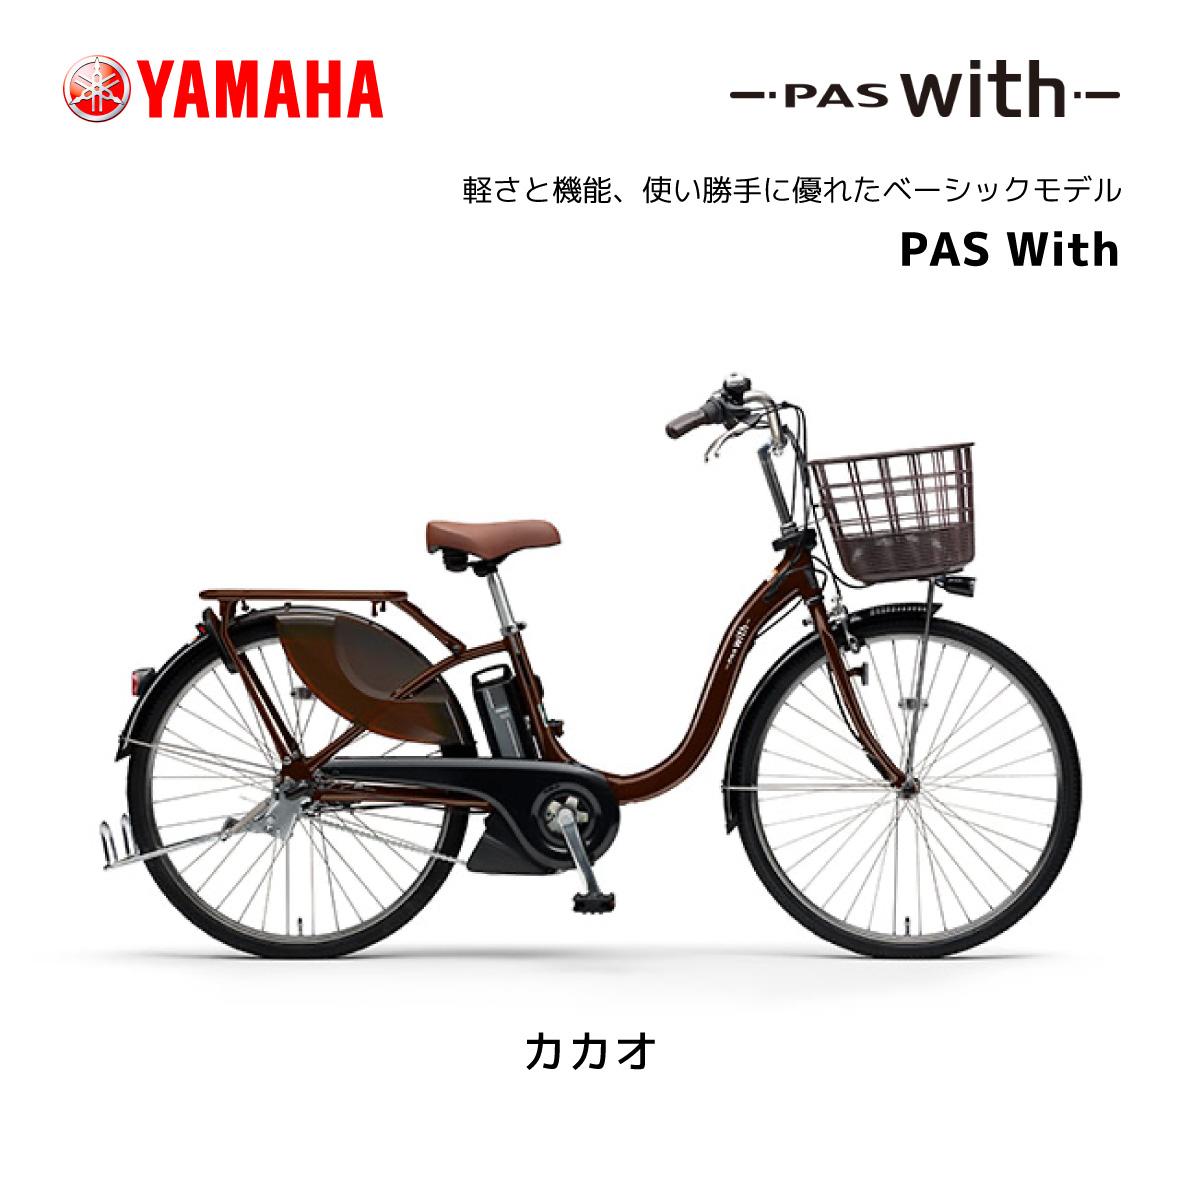 電動自転車 ヤマハ PAS With パス ウィズ 24インチ 26インチ PA26W PA24W